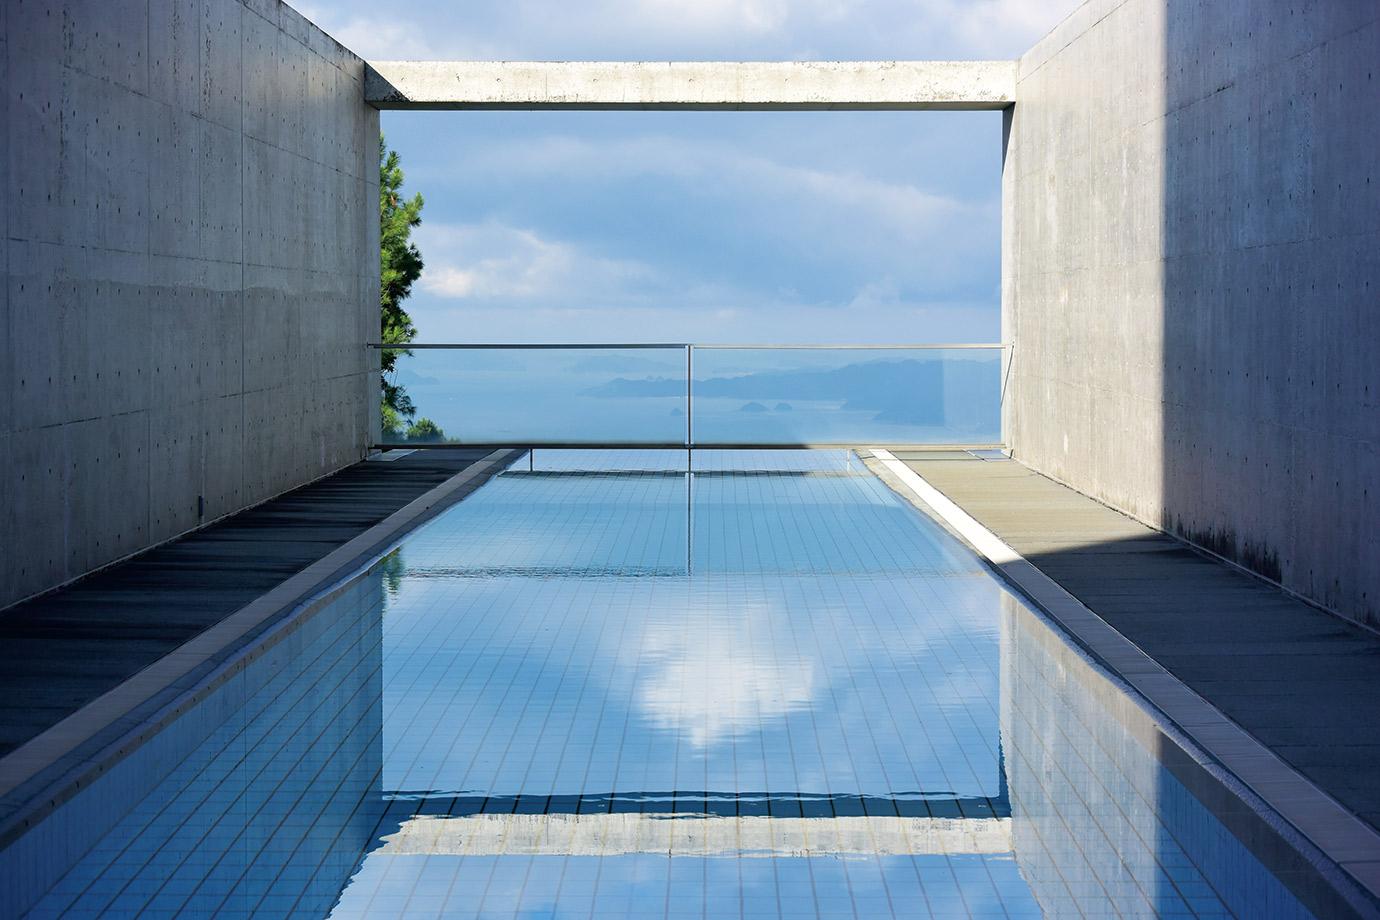 プールの水面と海がつながる「ザ・ブルー」。インドアプールや温泉ジャグジー、スパなどの施設もある。